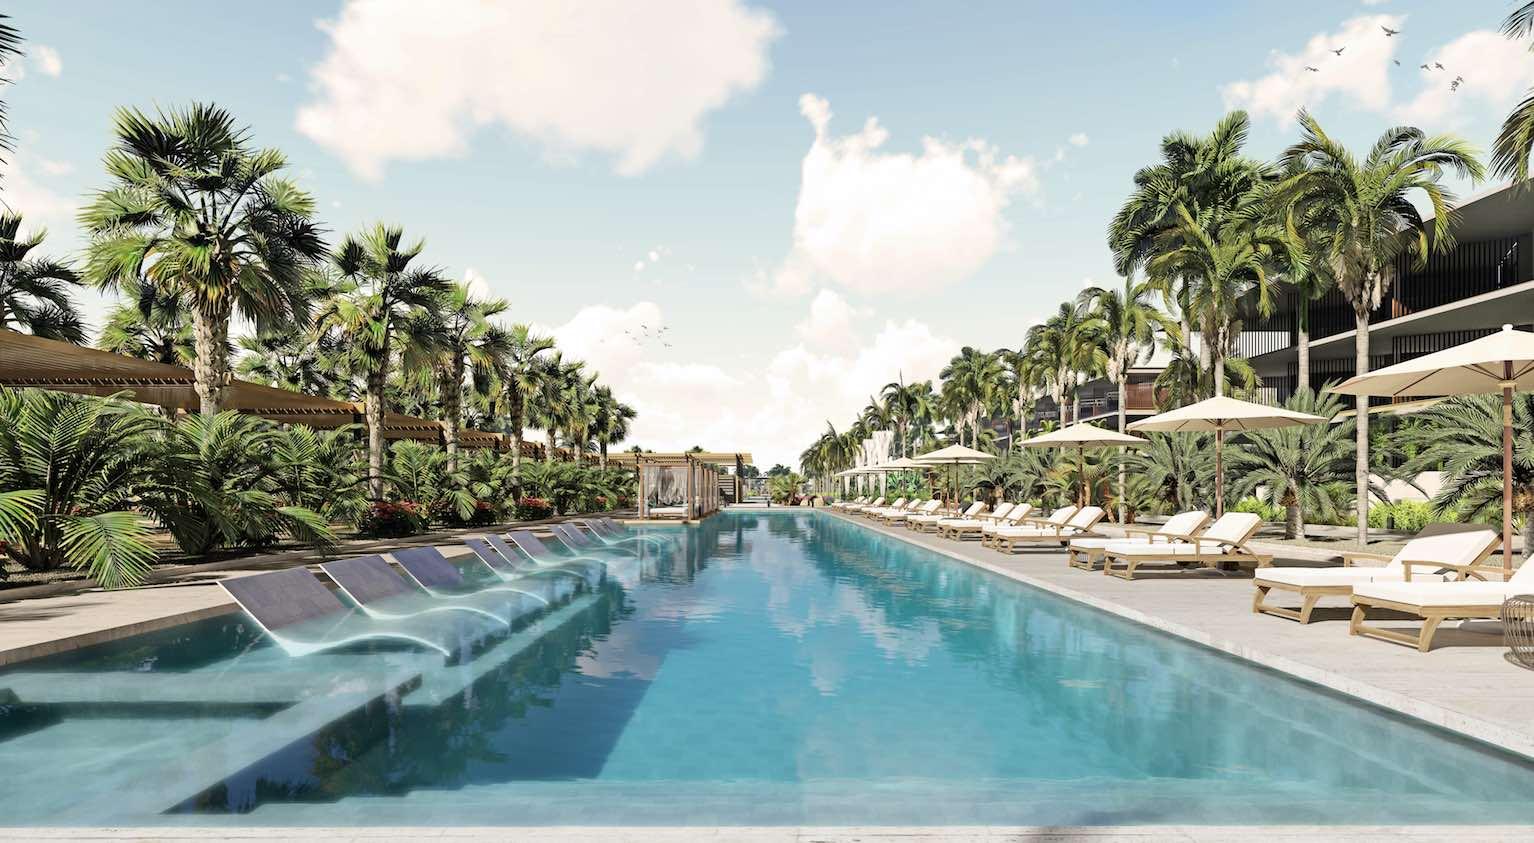 В Увероальто откроют люксовый отель Live Aqua Beach Resort Punta Cana